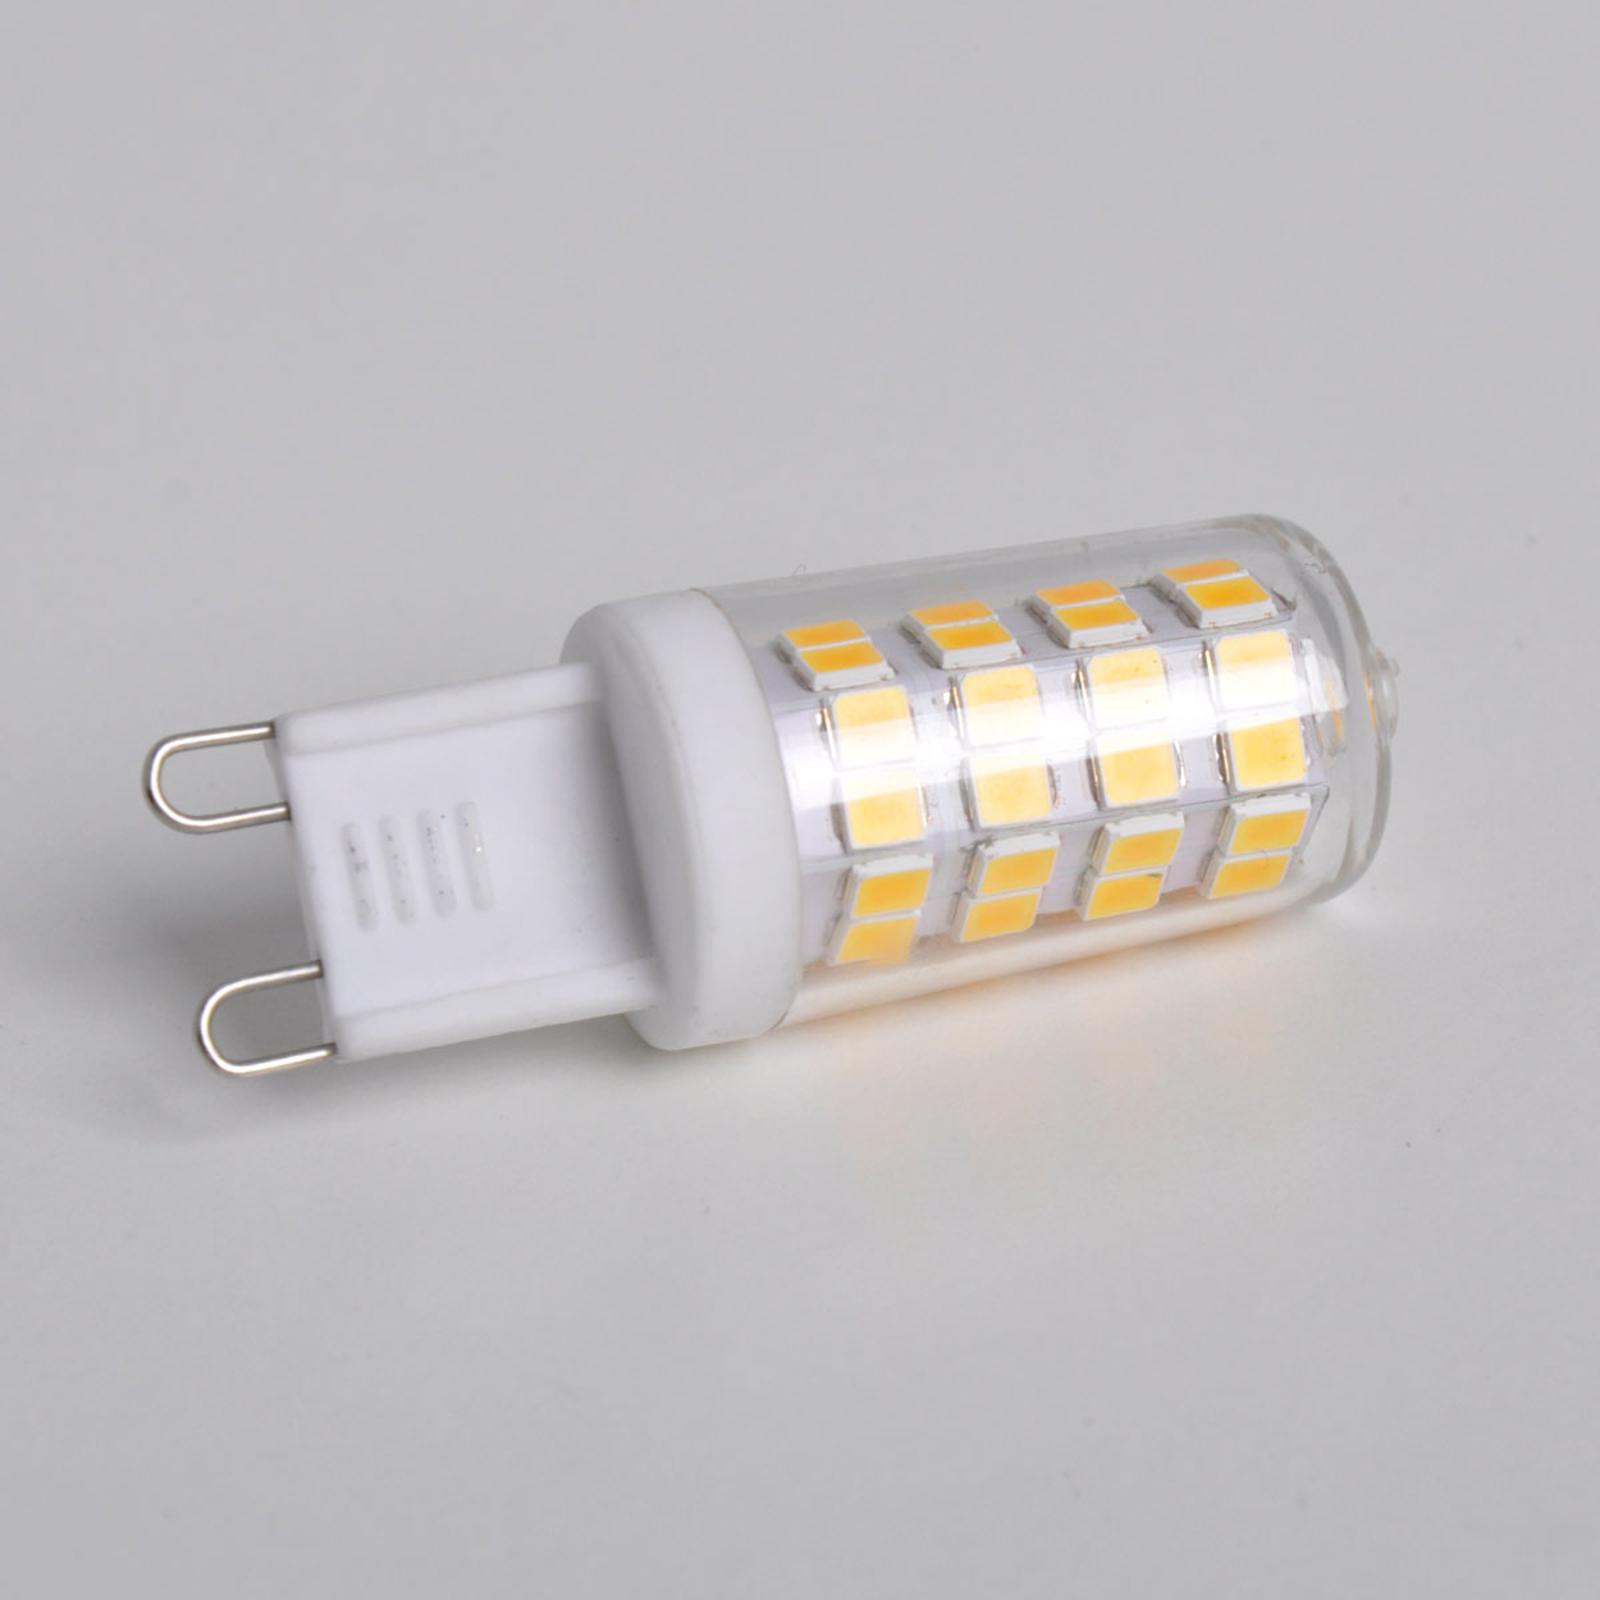 G9 3 W, LED žárovka s paticí, teplá bílá, 330 lm